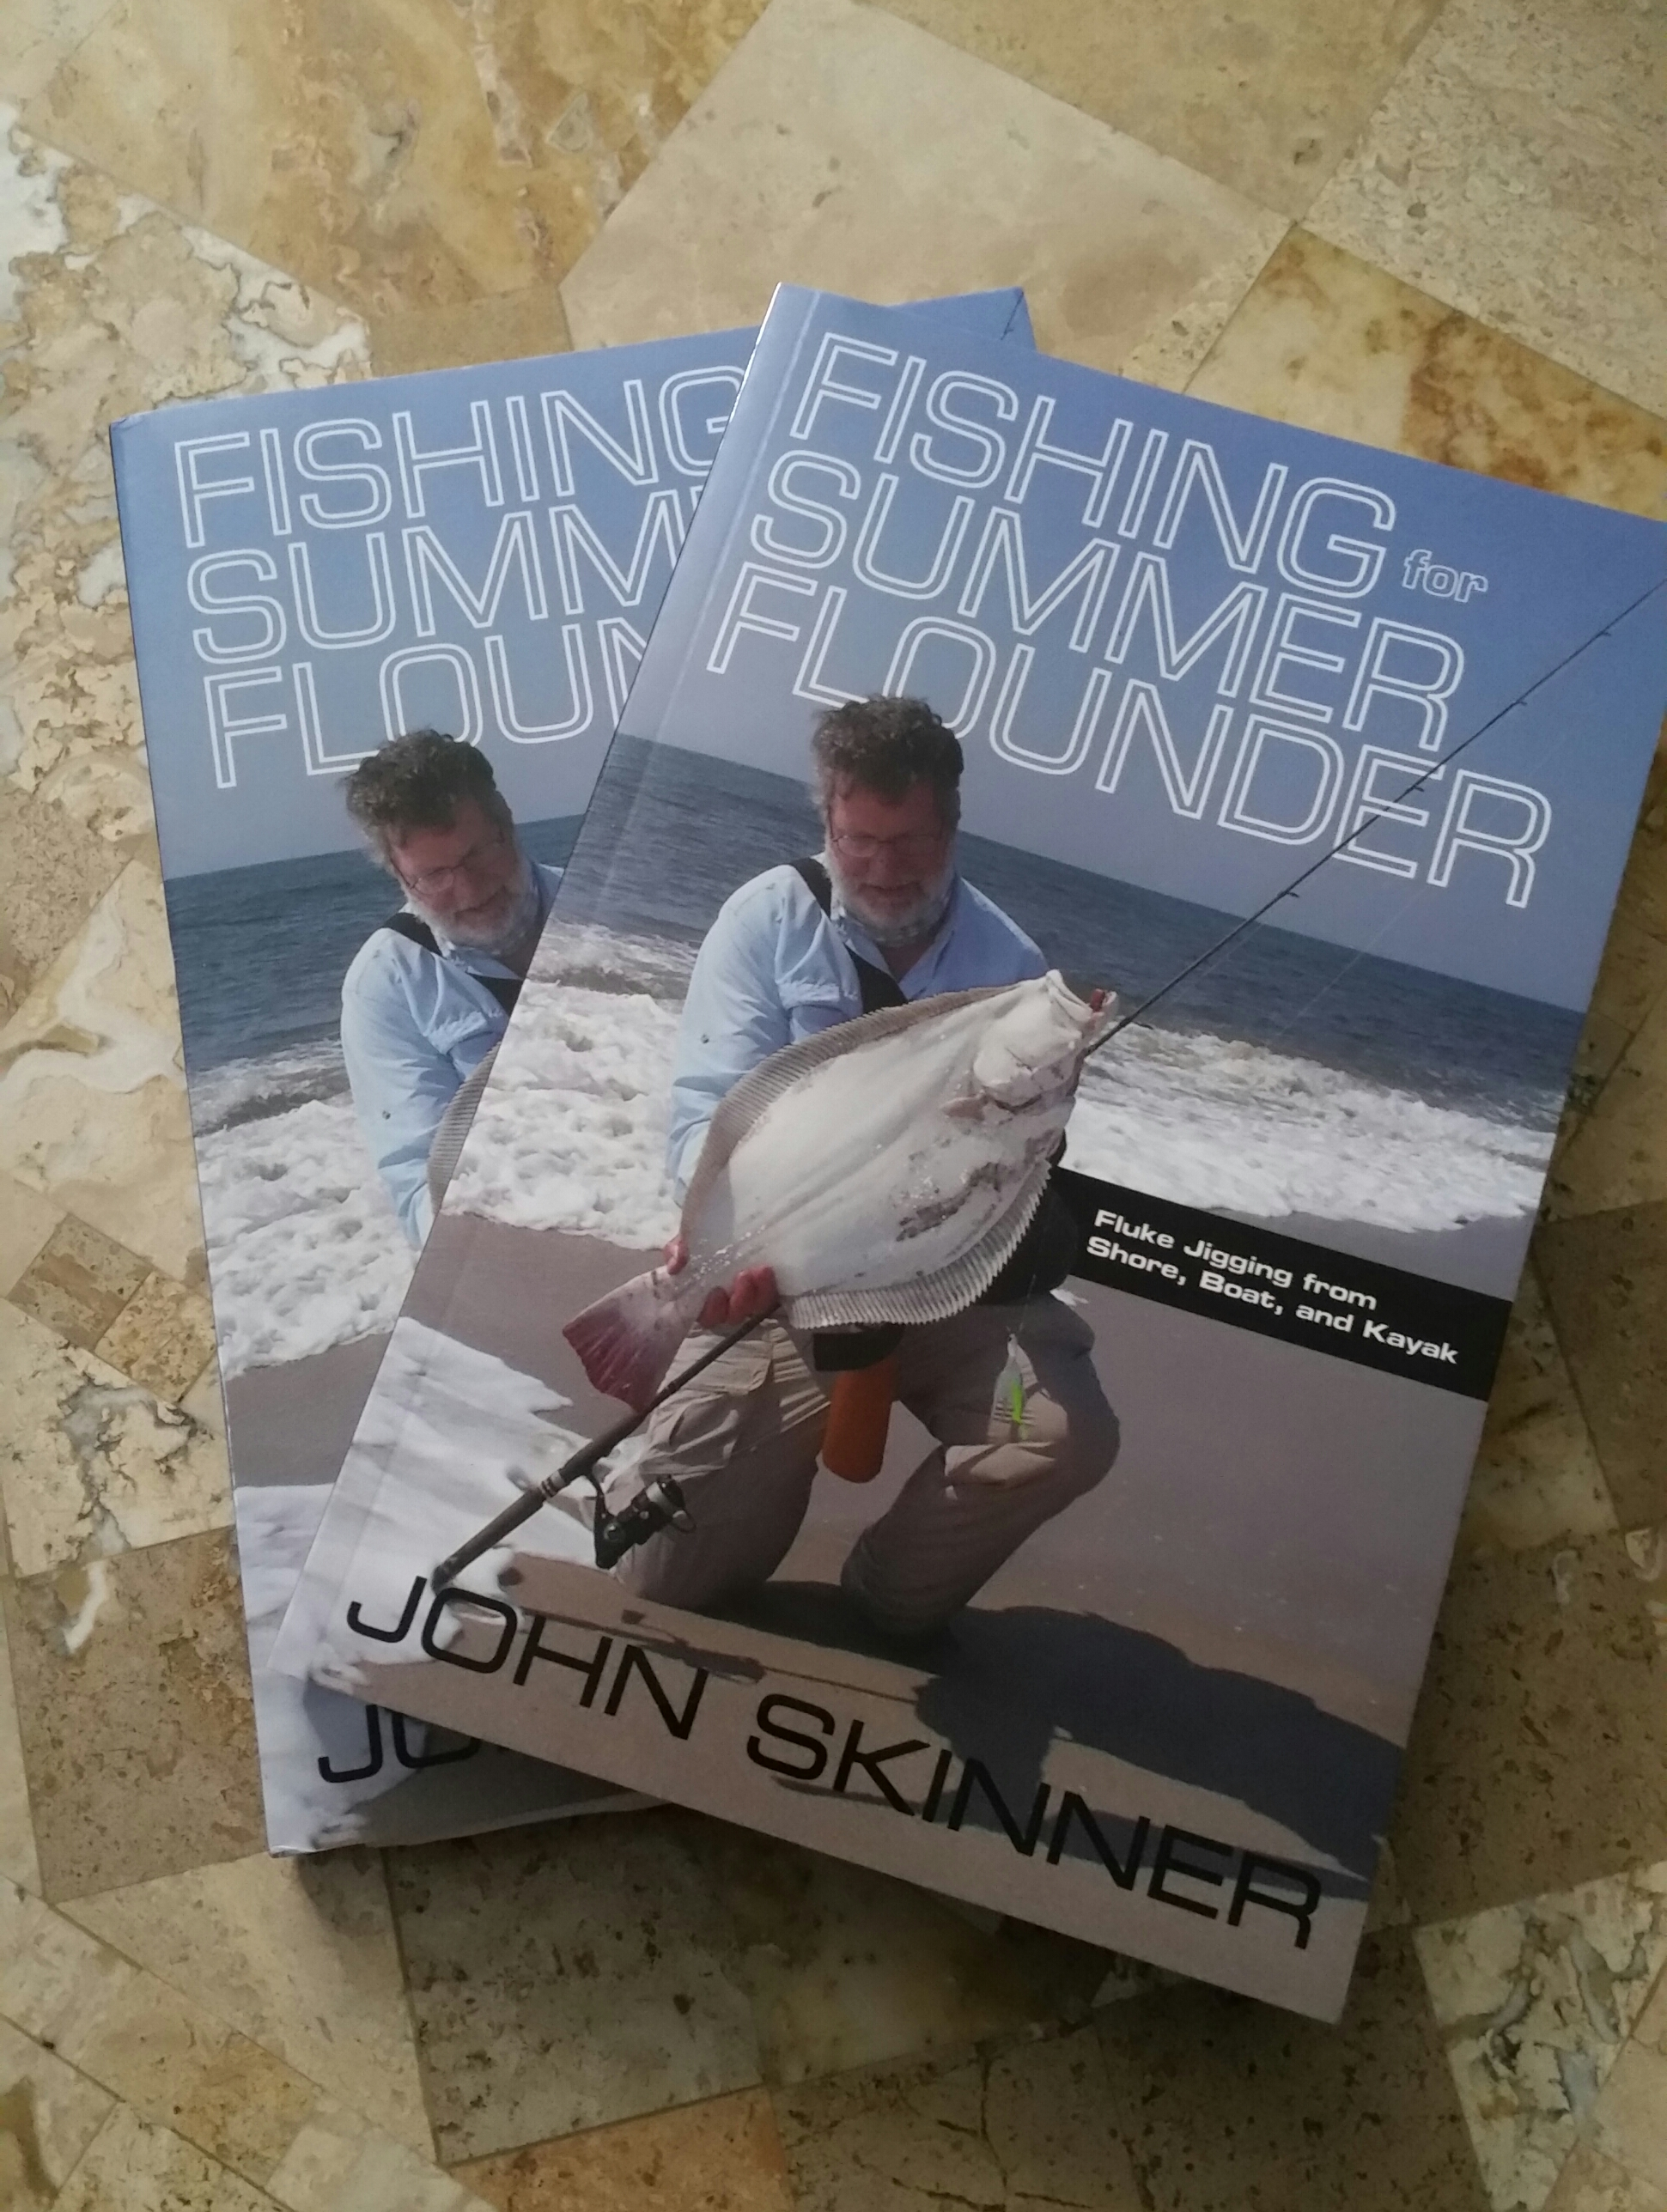 Win new book by john skinner fishing for summer flounder for John skinner fishing